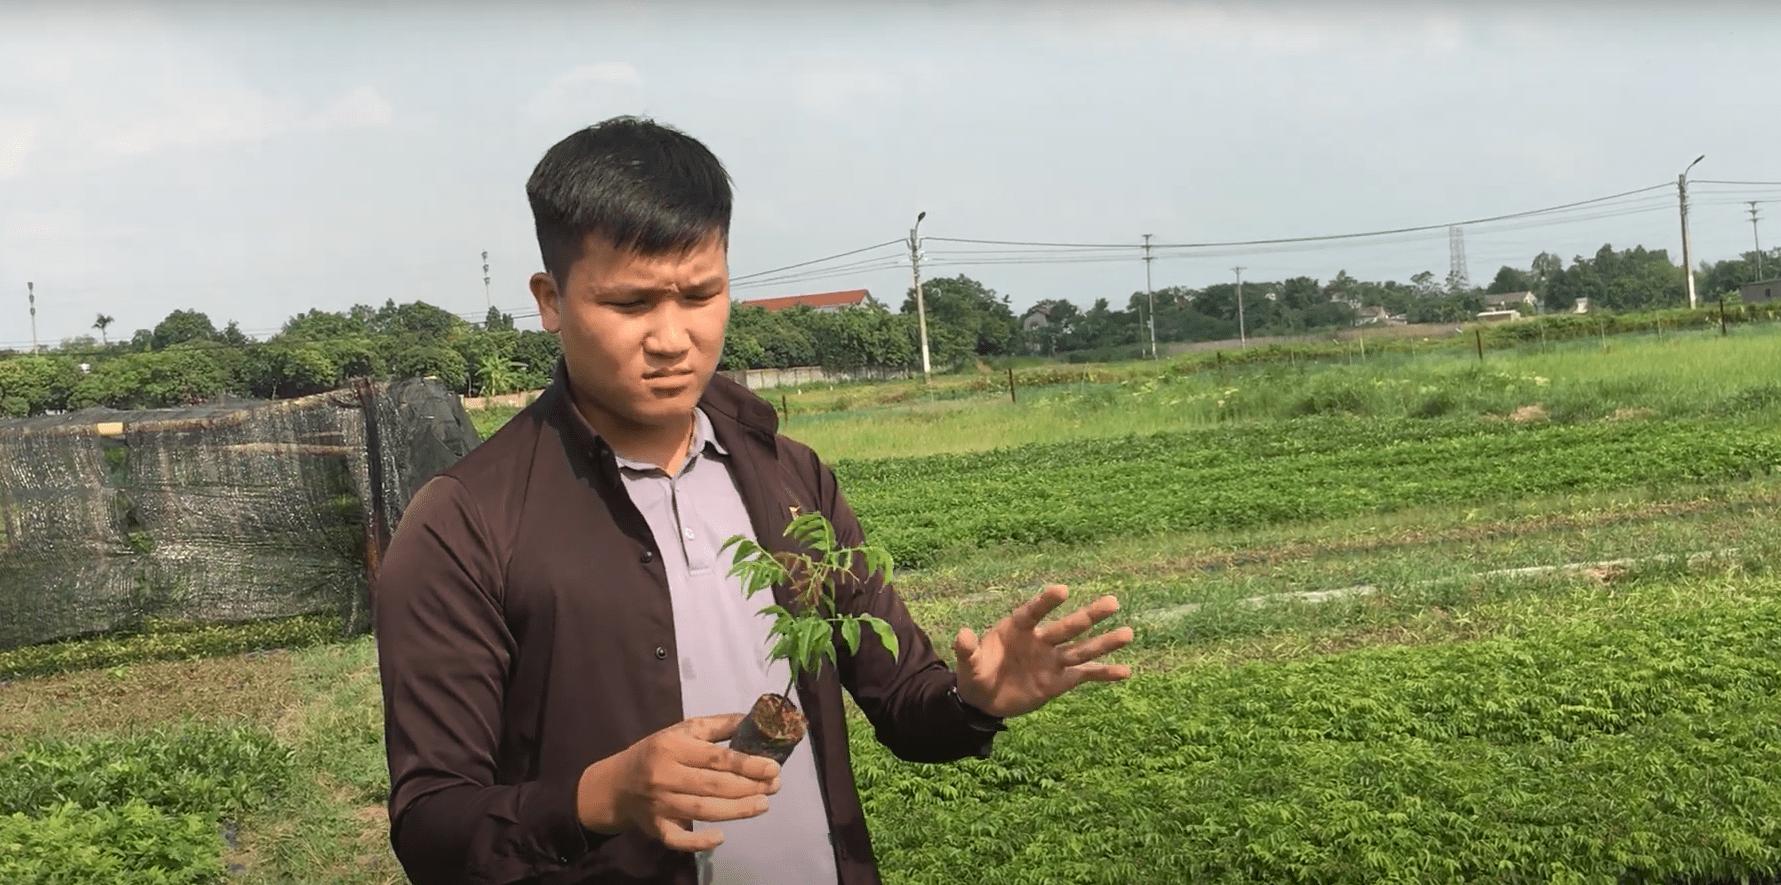 Cách trồng cây giống lim xanh chuẩn khoa học